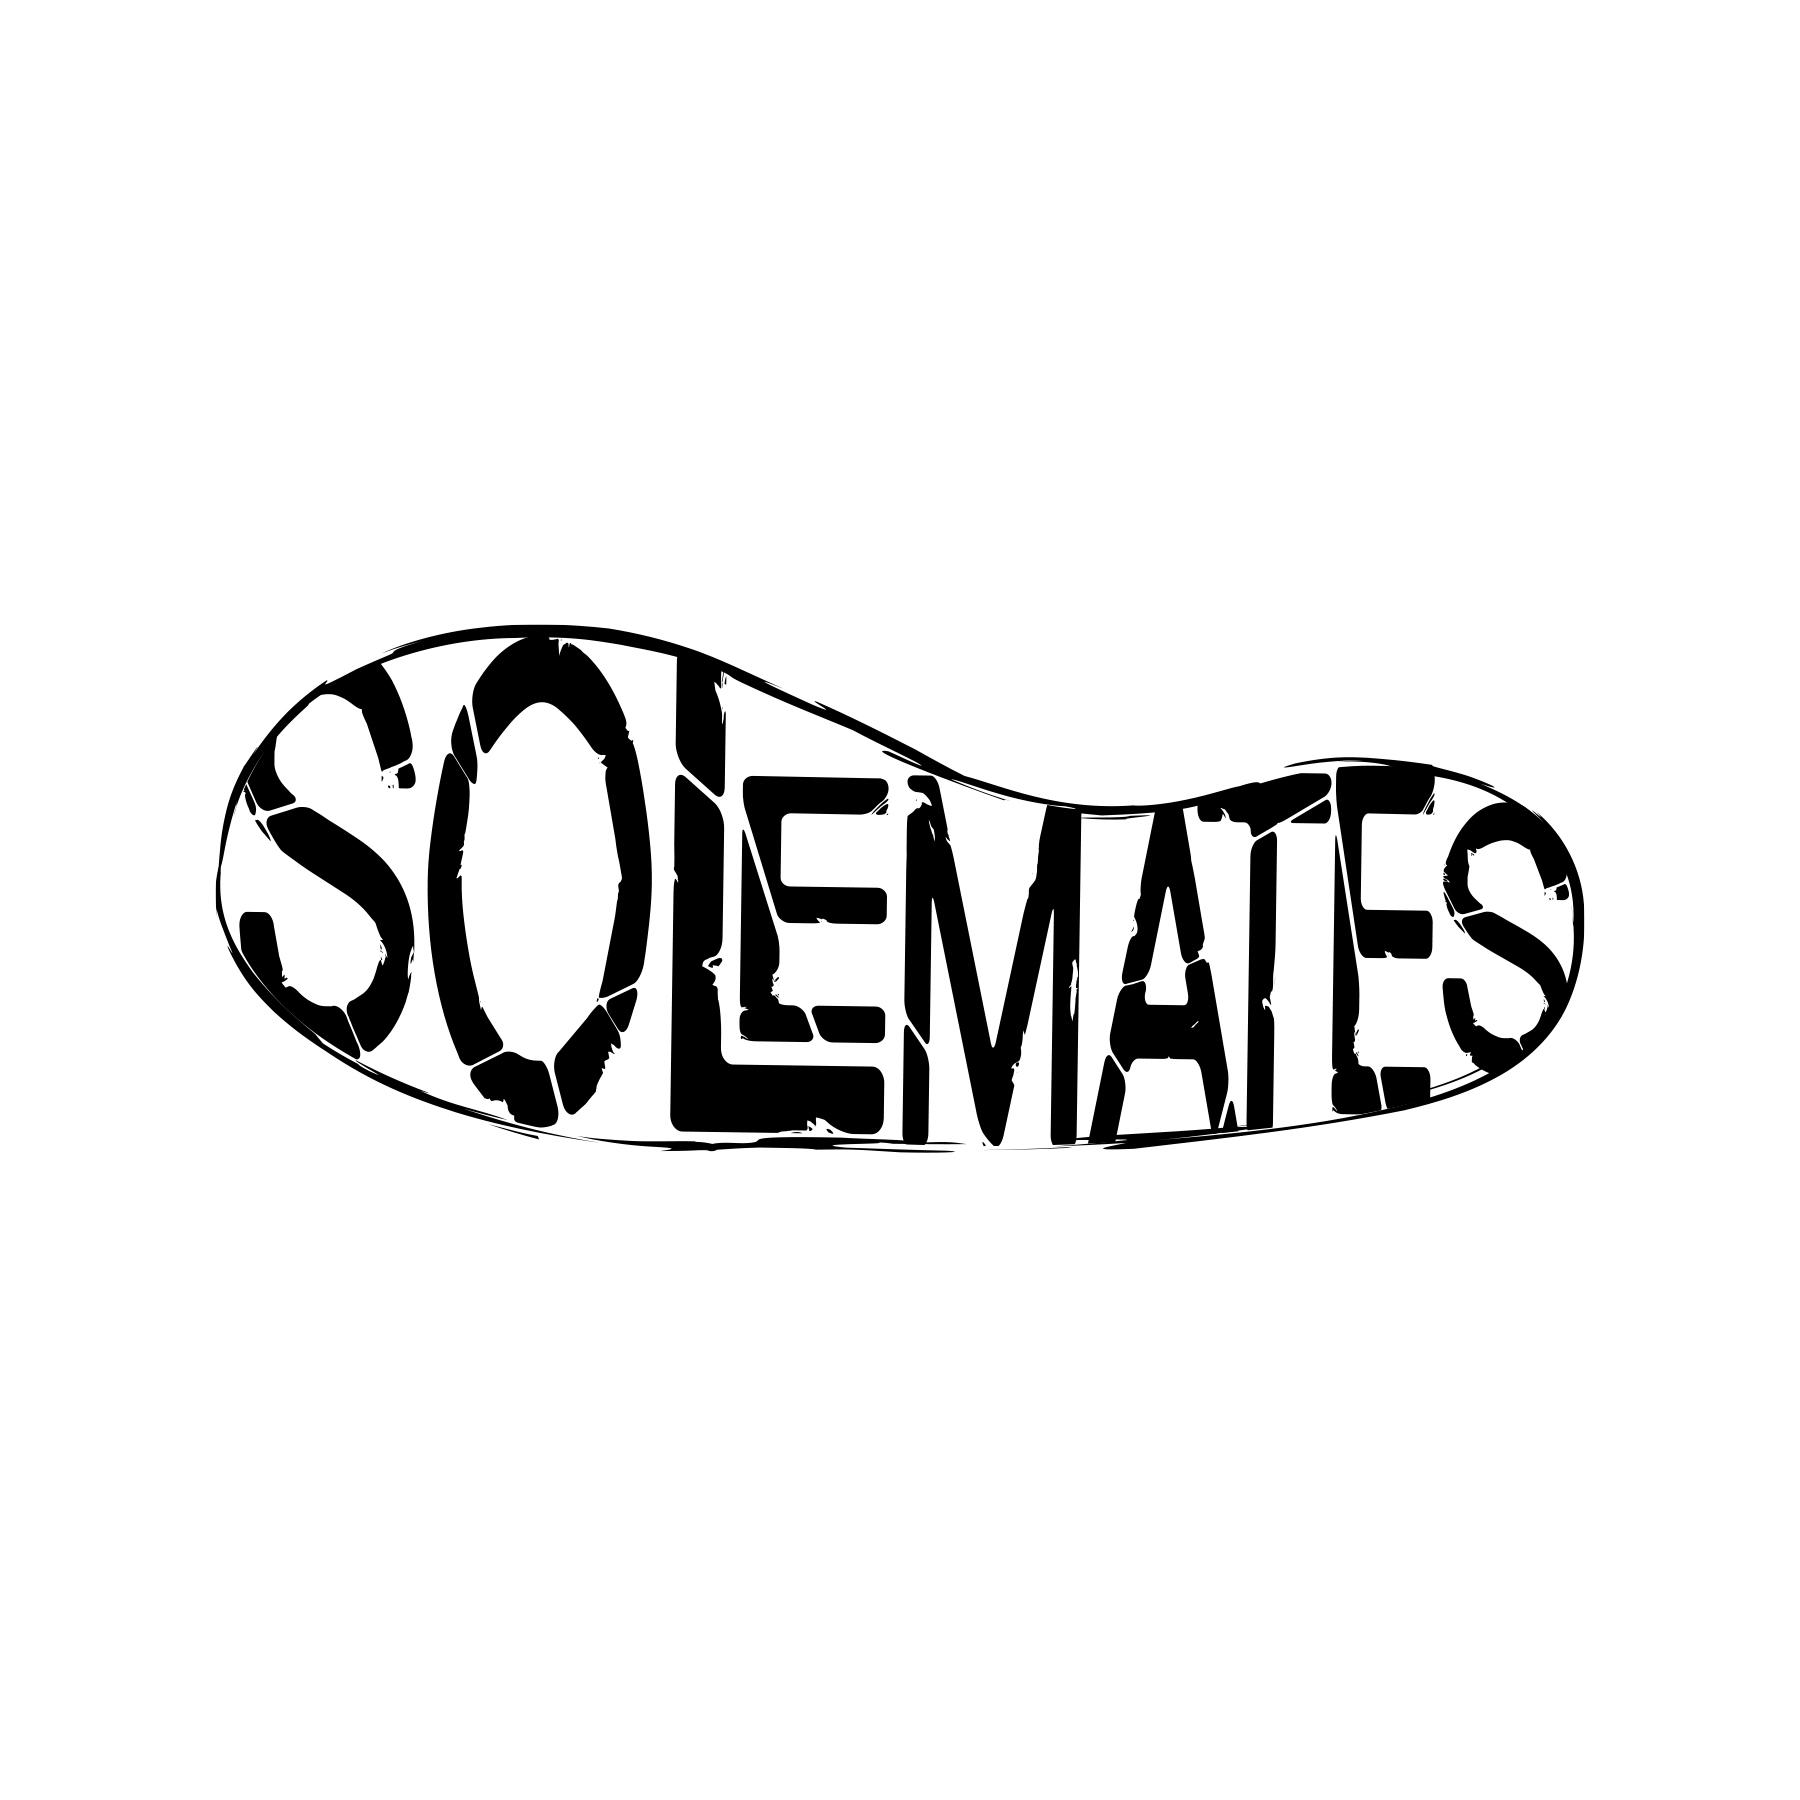 solemates.jpg